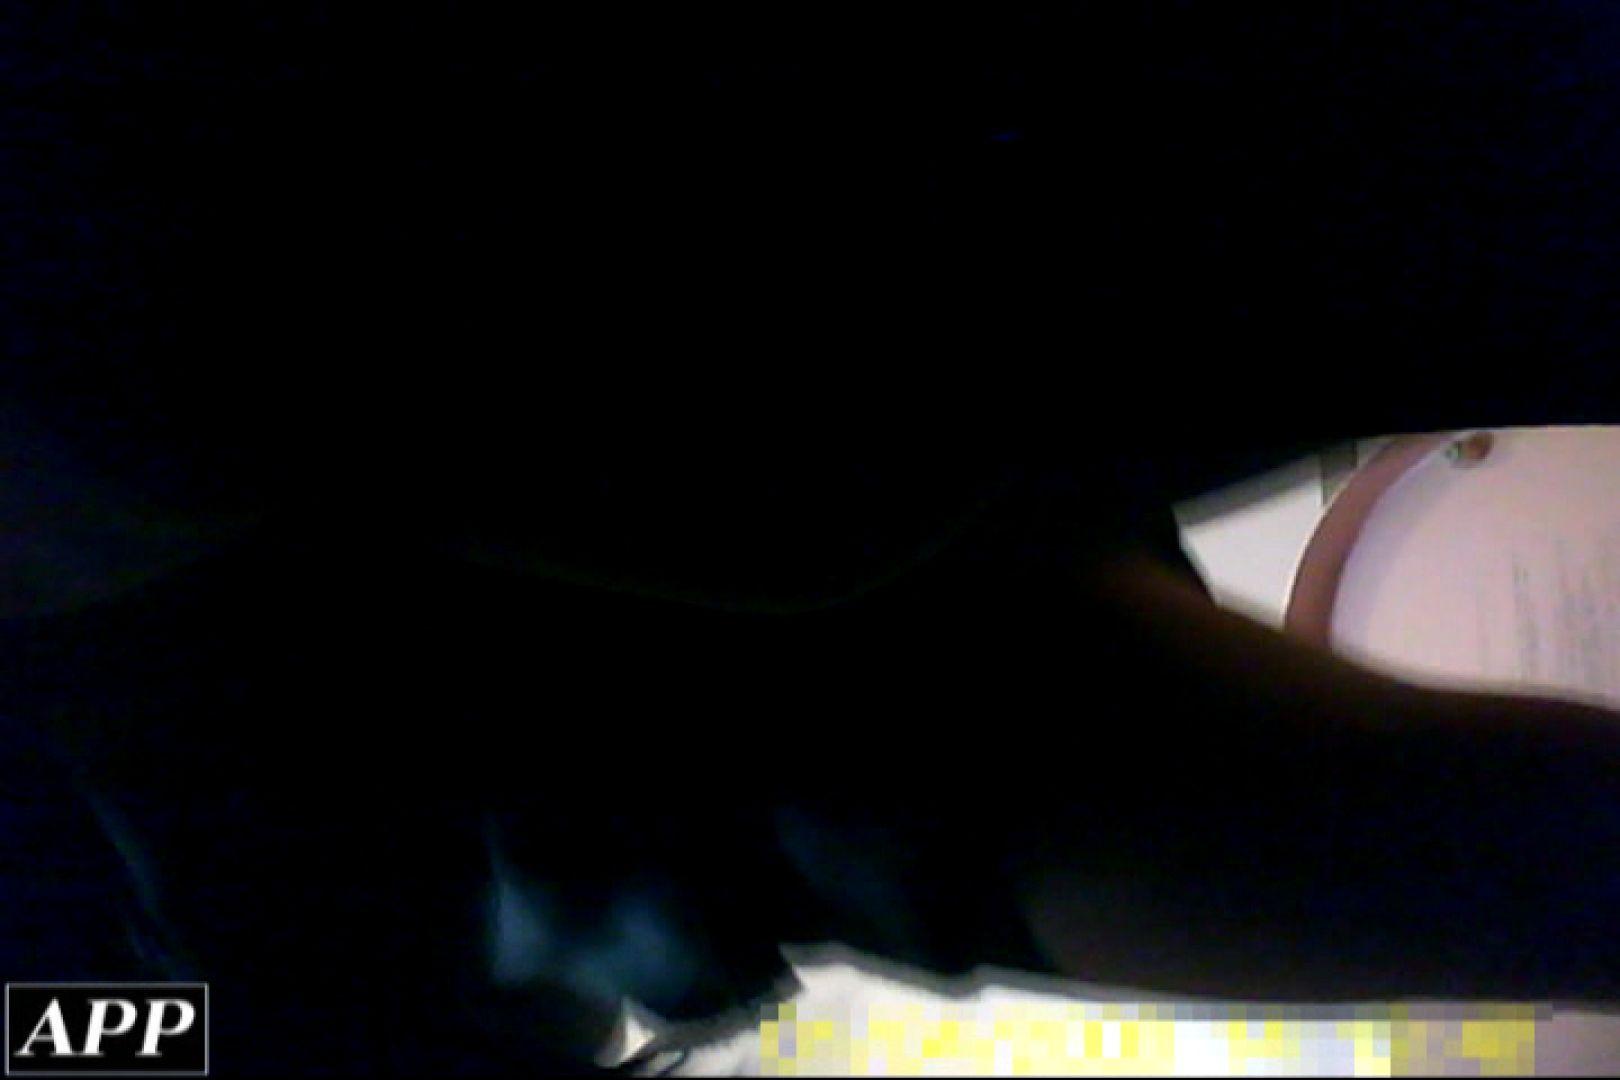 3視点洗面所 vol.83 美しいOLの裸体 おまんこ動画流出 106pic 38